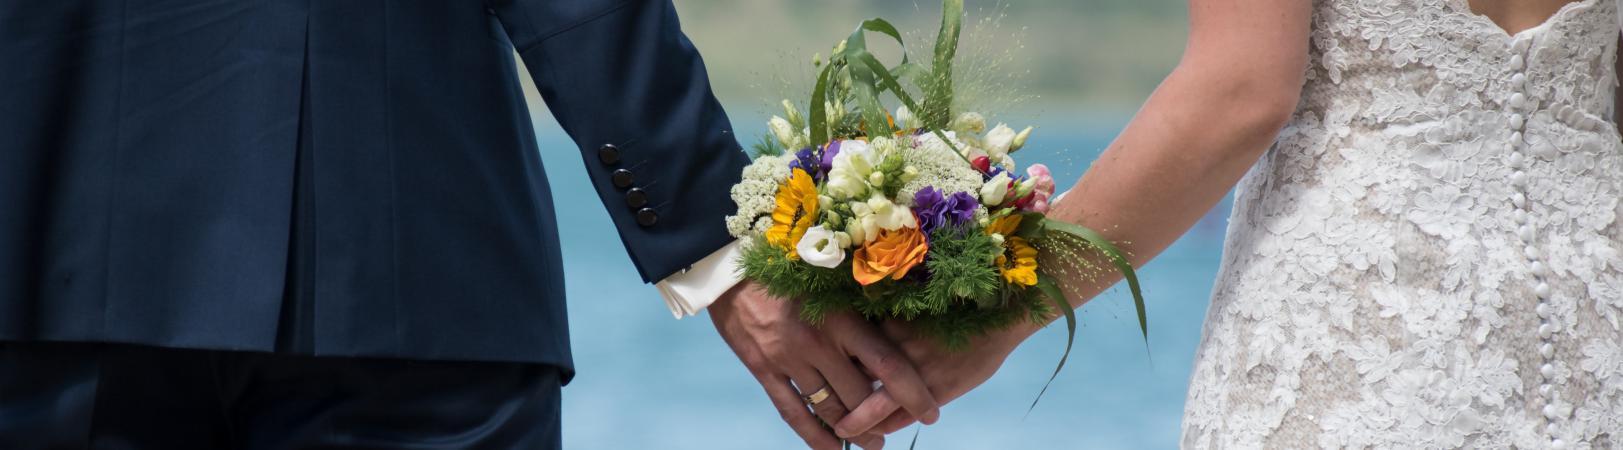 Weddings in Italian Riviera